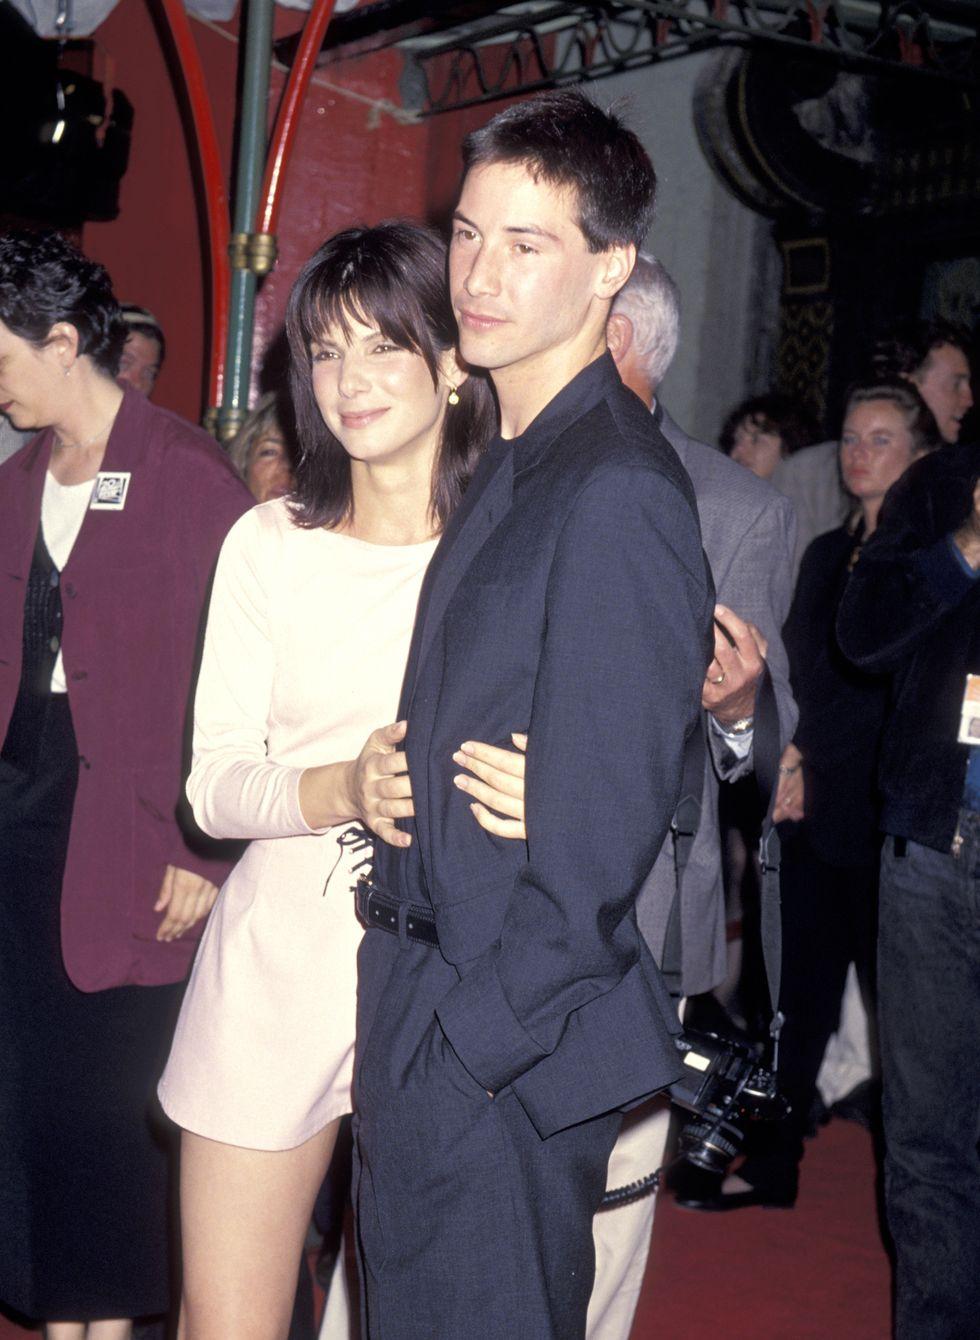 Sandra Bullockkal ölelkezve 1994-ben - azóta kiderült, hogy nagyon bejöttek egymásnak a Féktelenül forgatásán